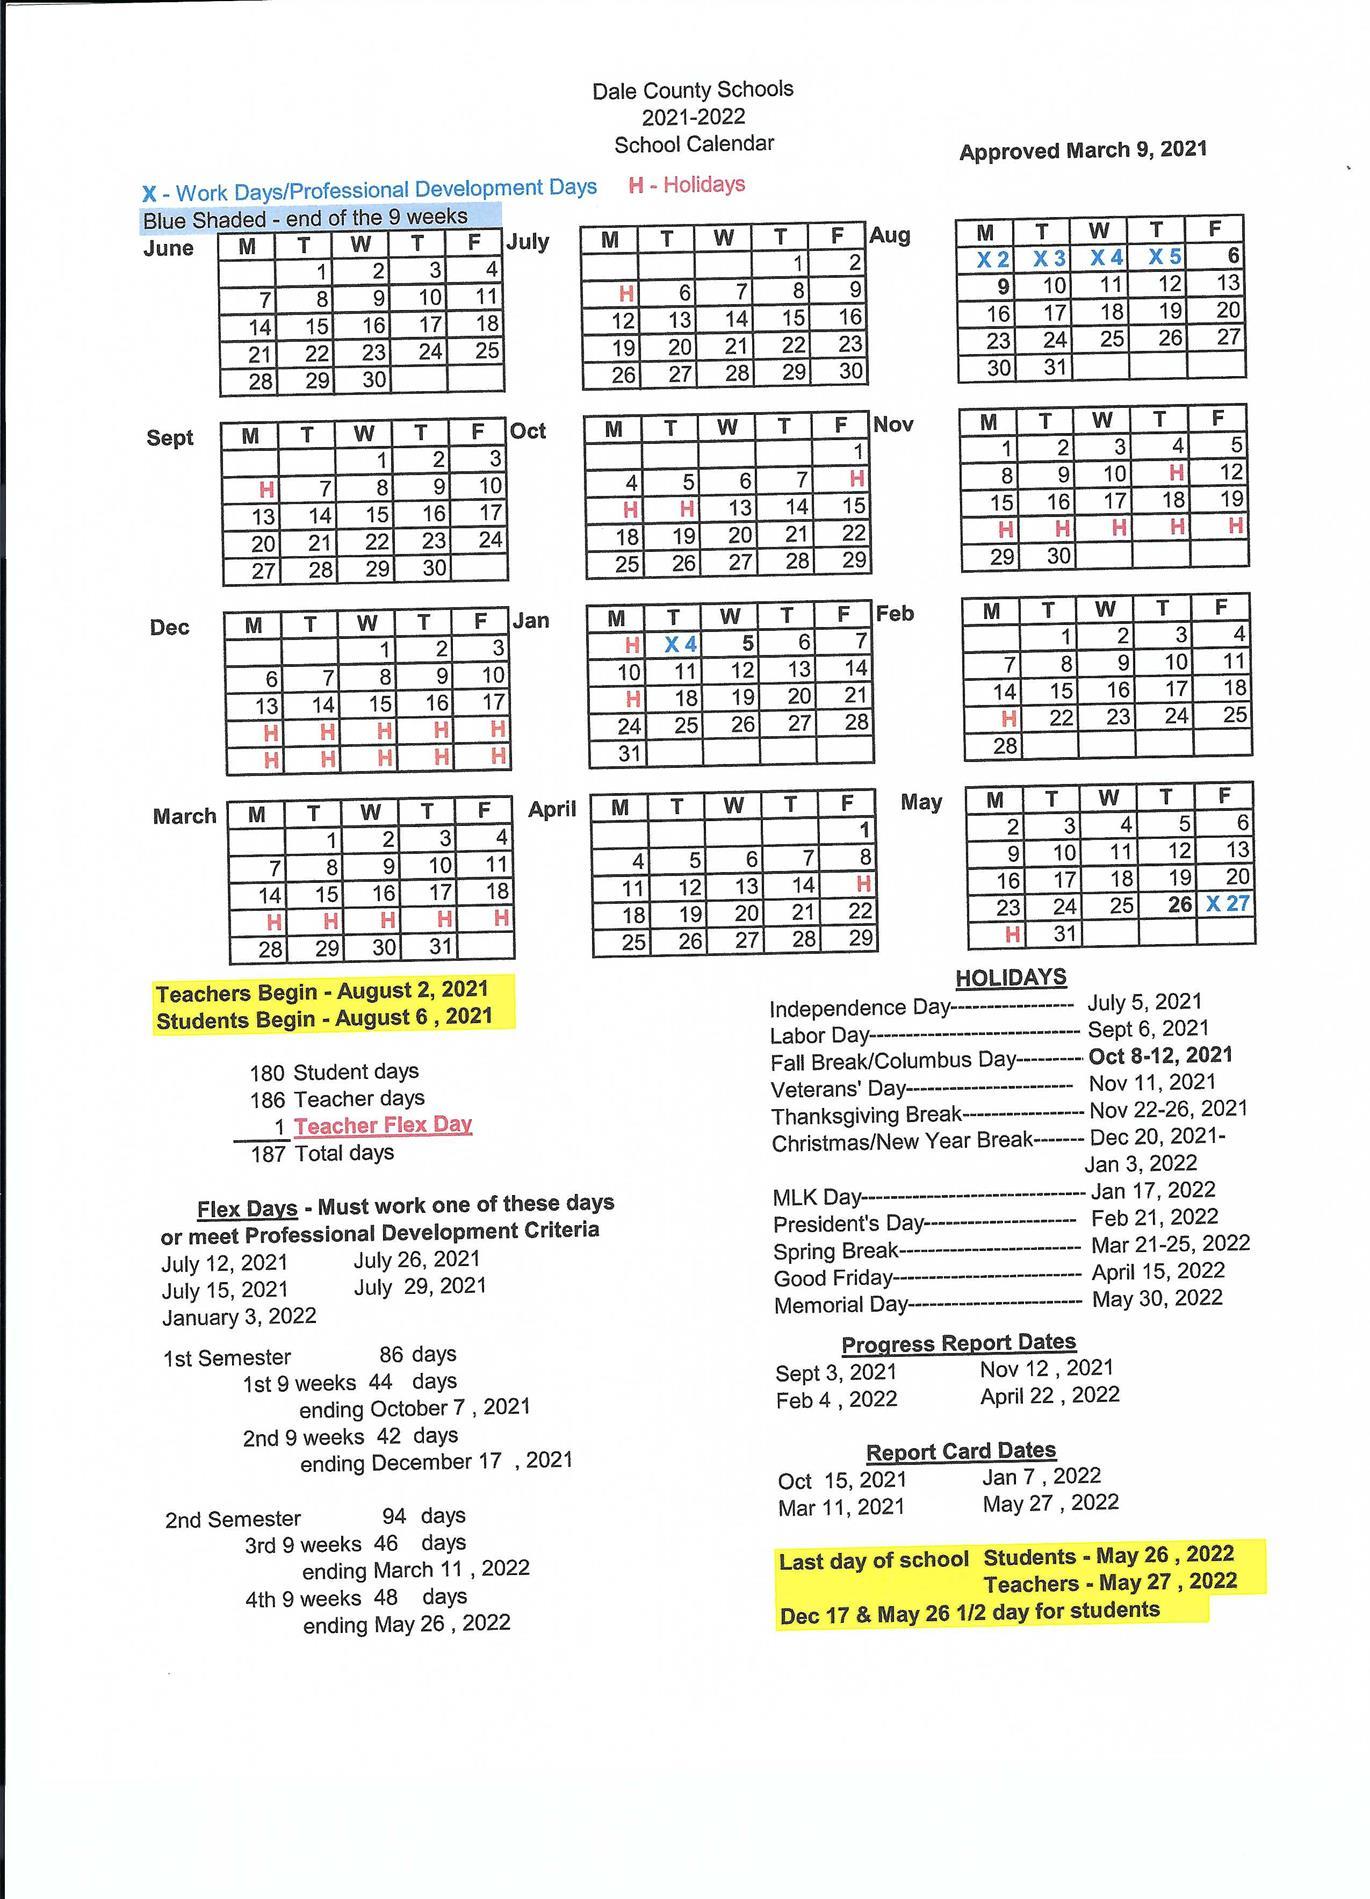 2021-2022 Dale County Schools Calendar